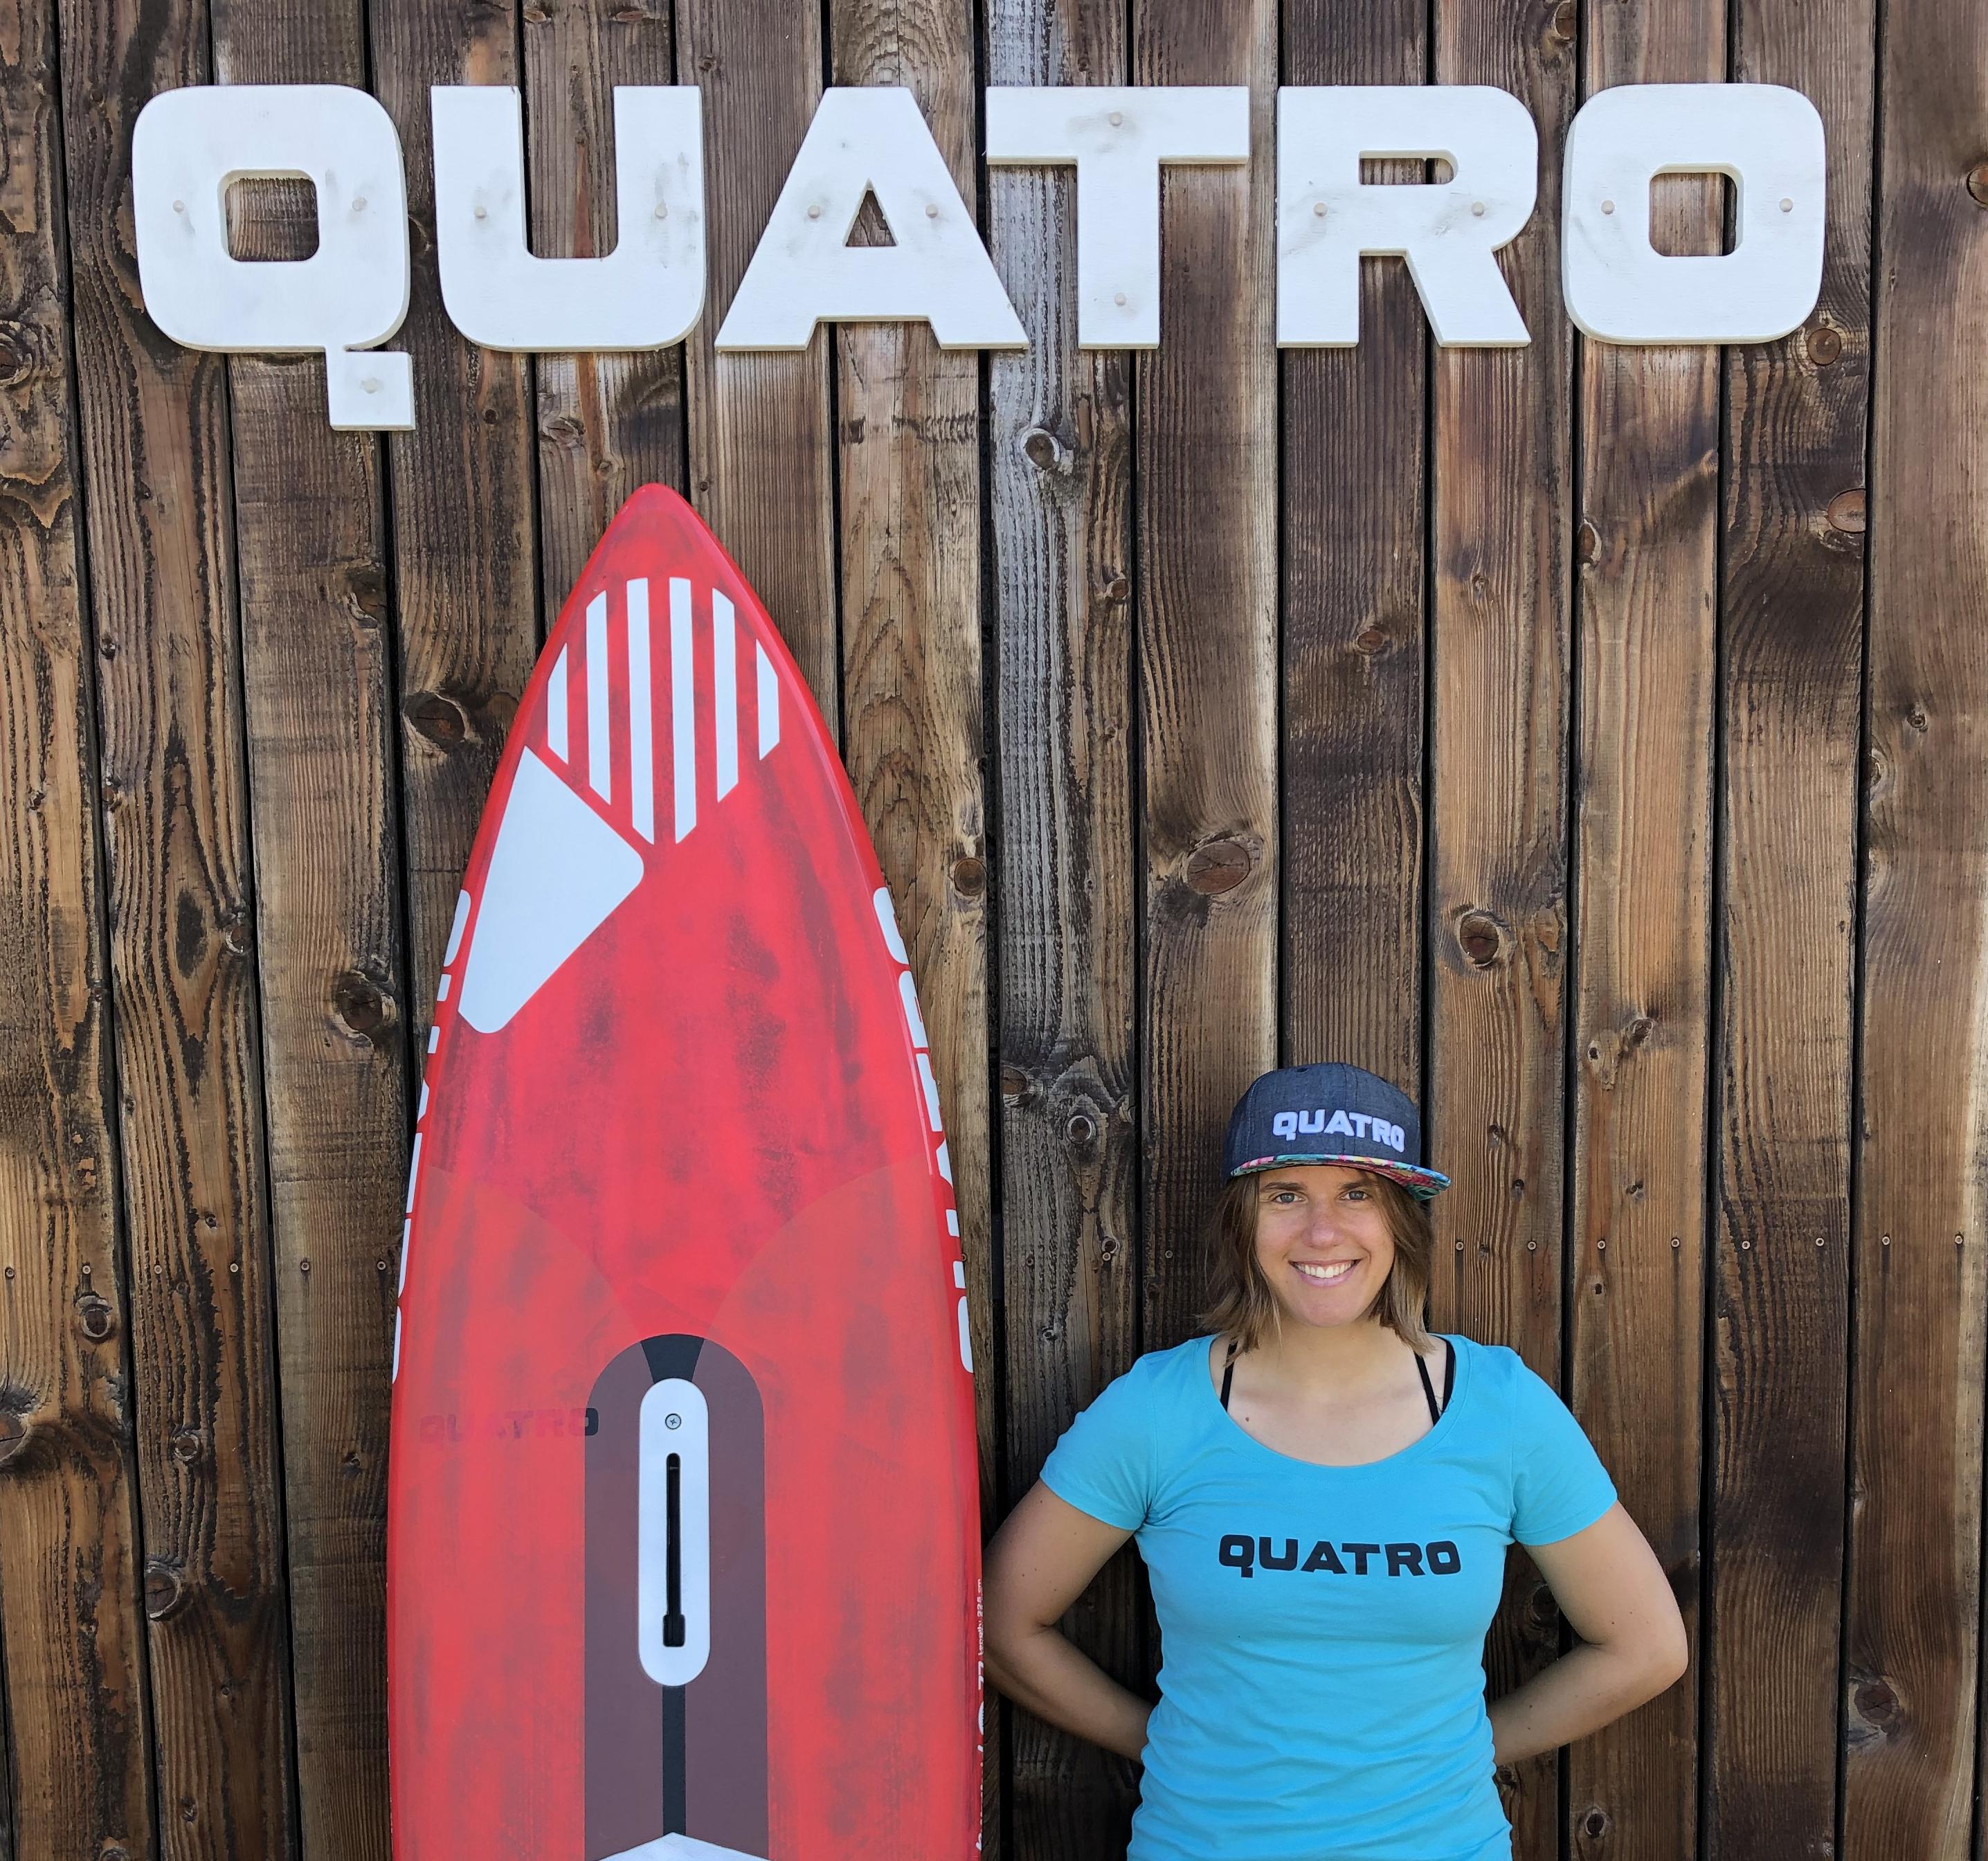 maui quatro windsurfing